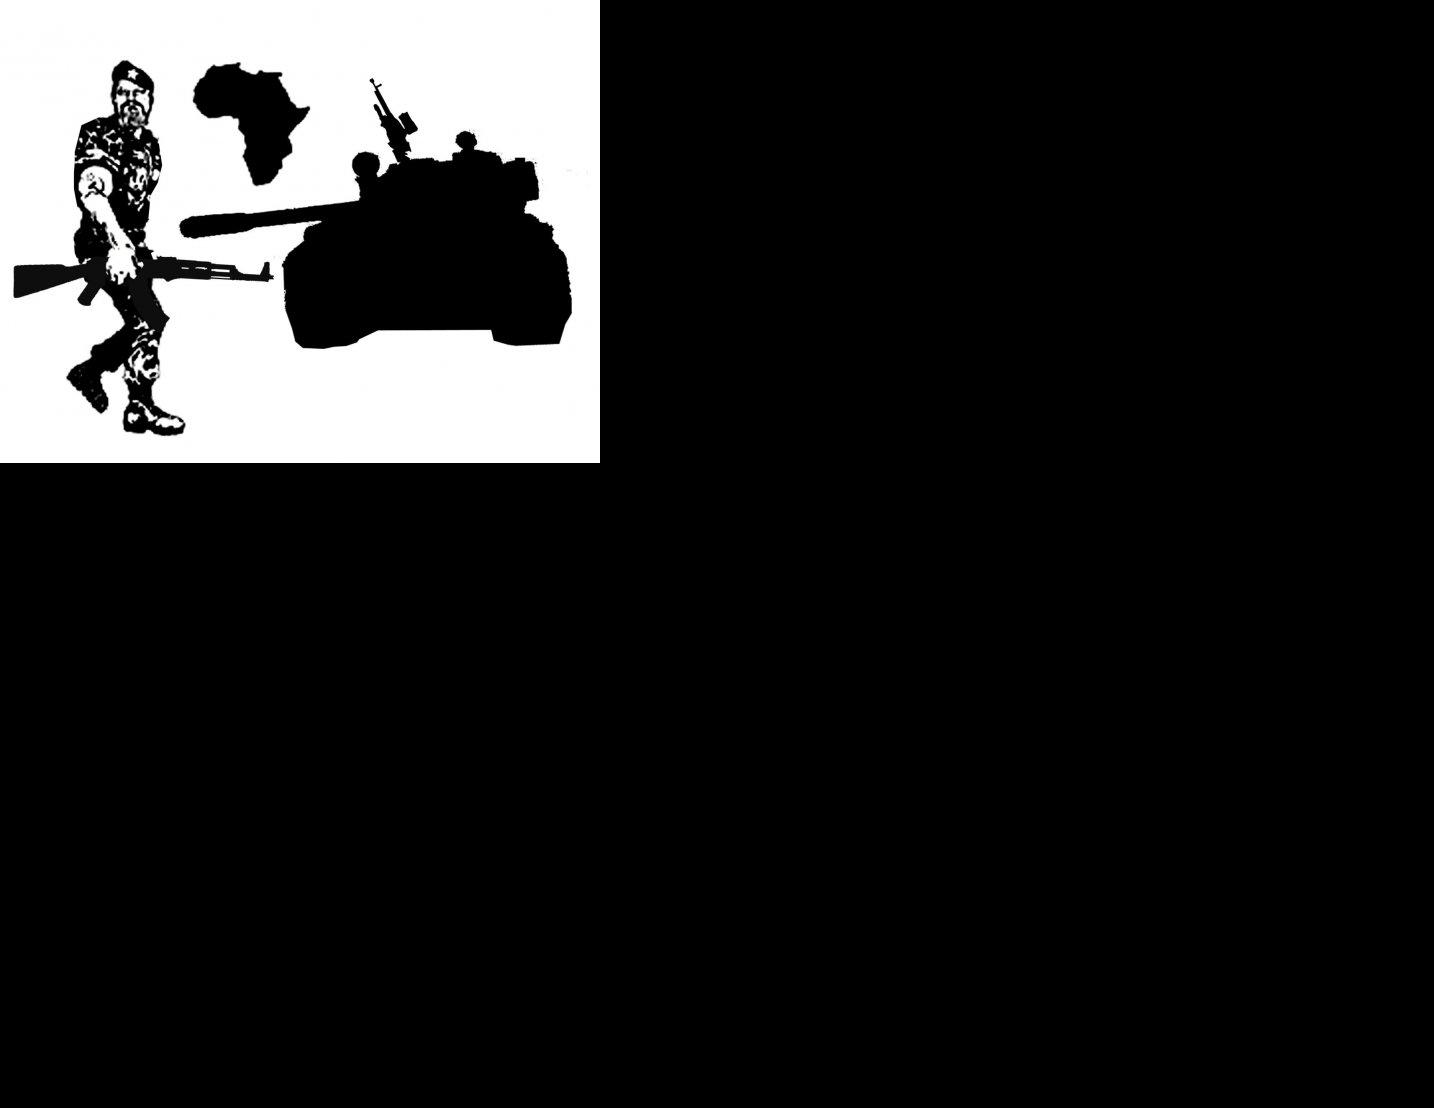 Миры владимира чекмарева - doc2fb_image_02000001.jpg